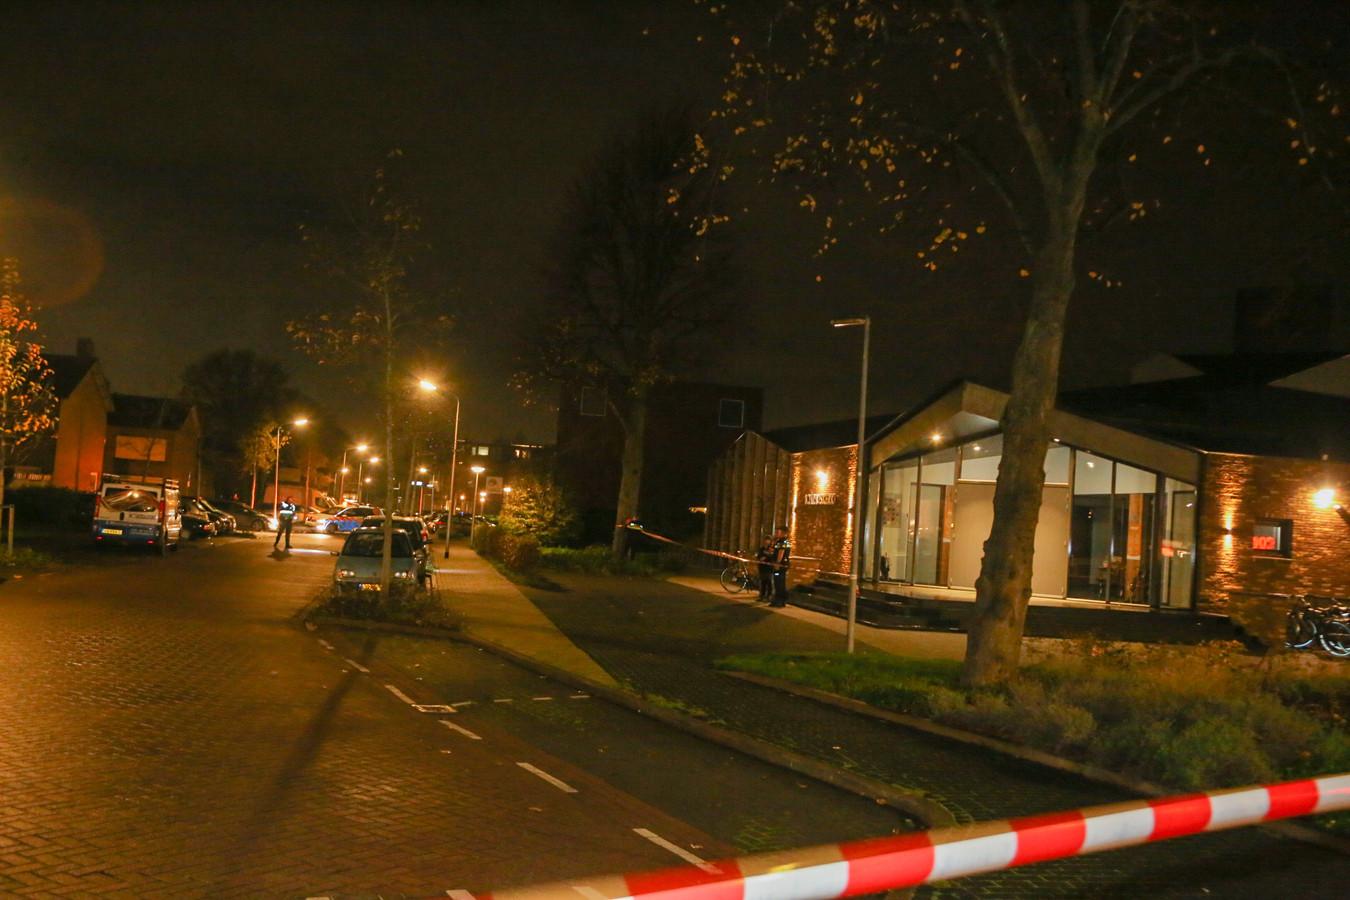 De Maasstraat in Alblasserdam is afgezet na de melding van een schietpartij.